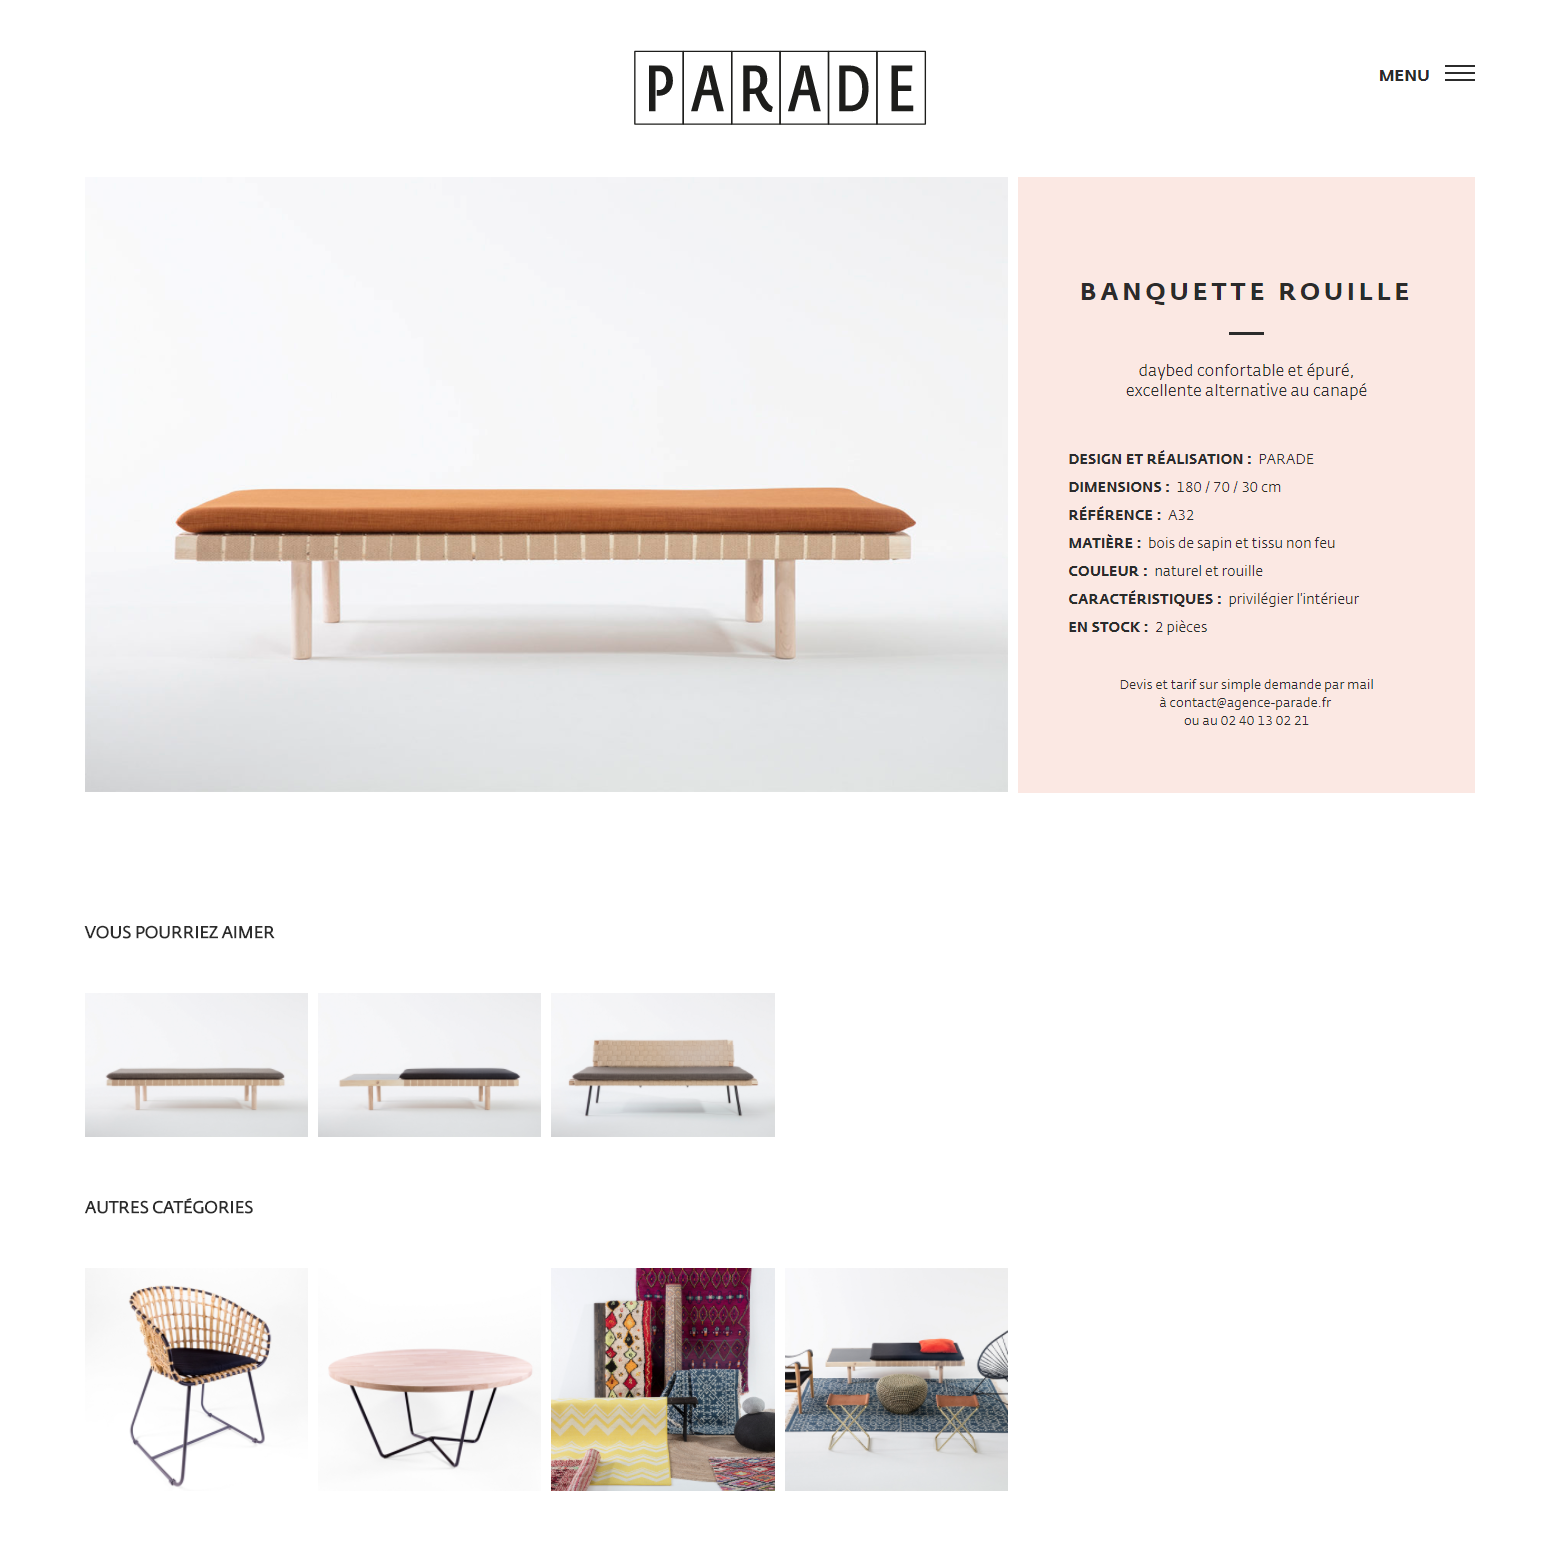 Site responsiv design